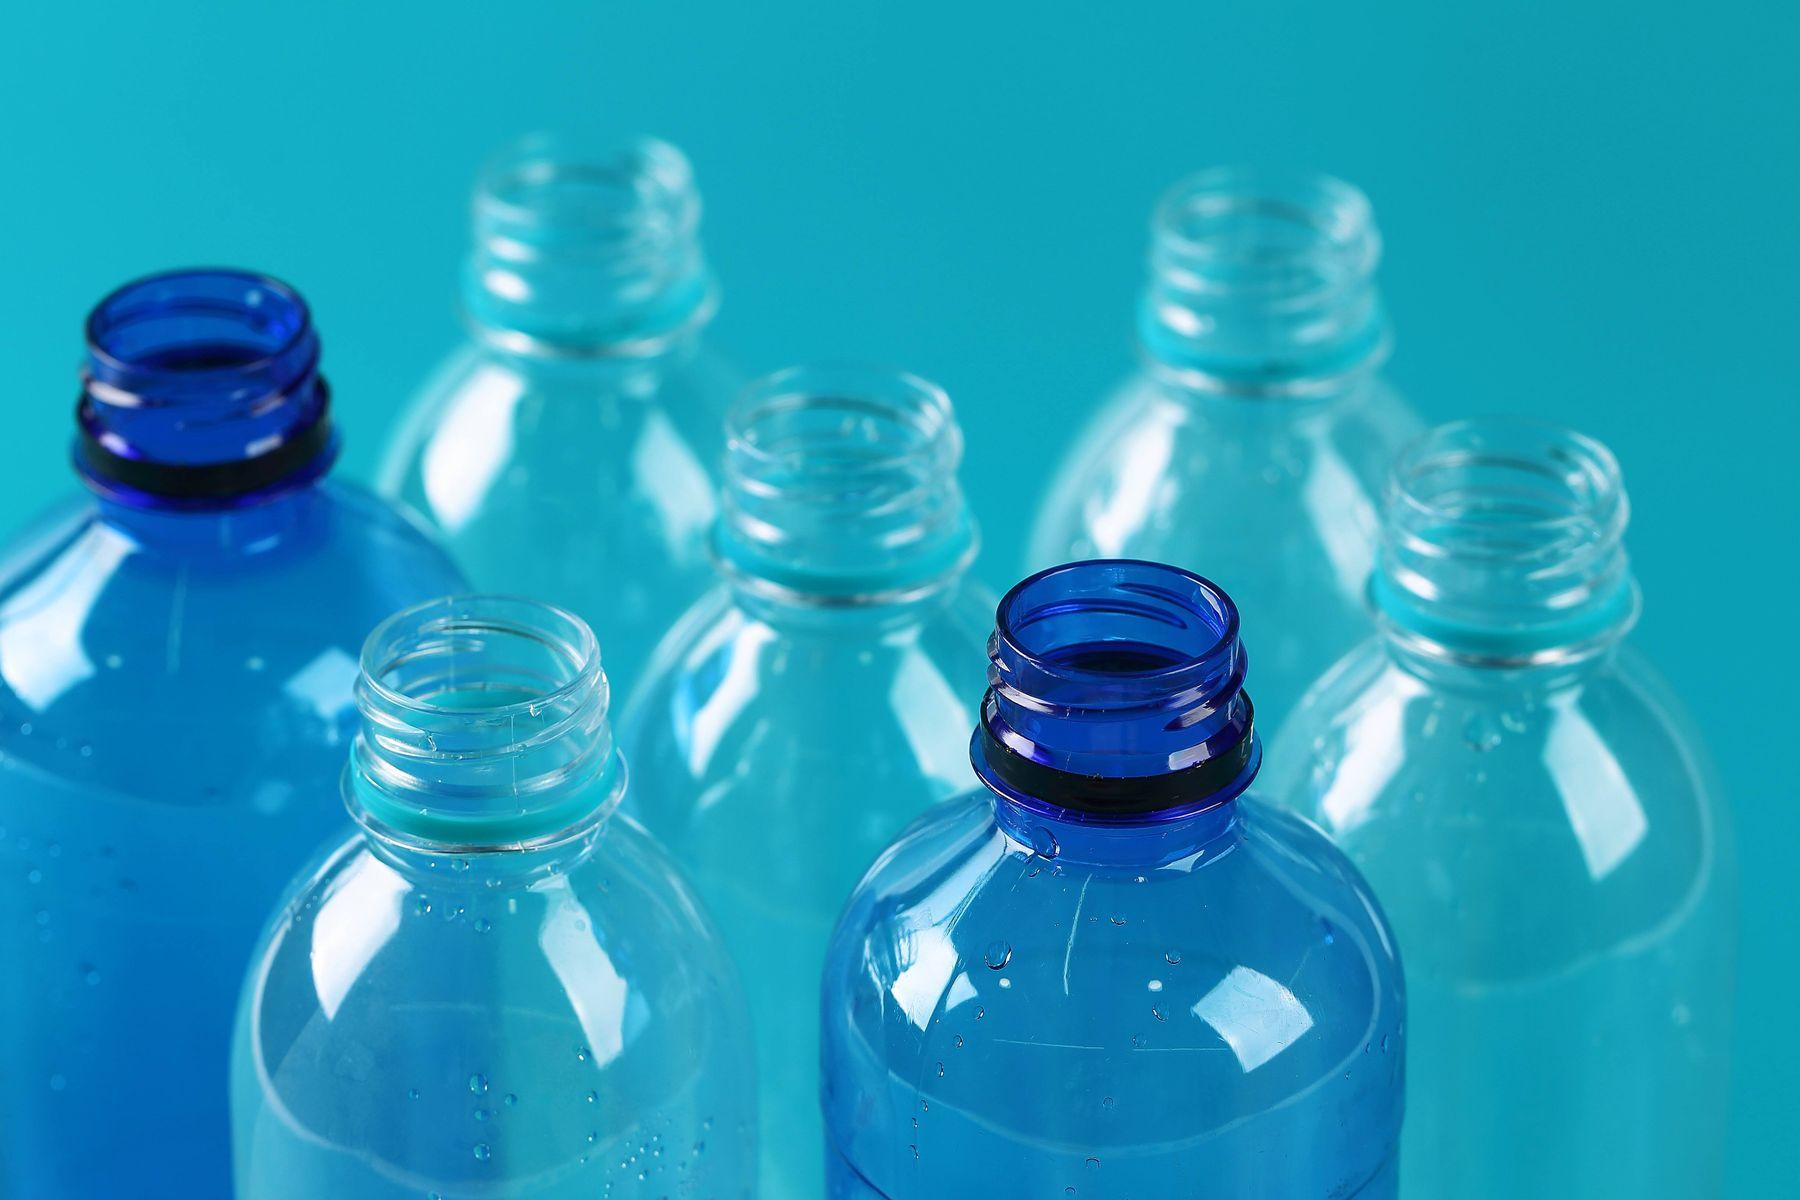 siete botellas plásticas sin tapa